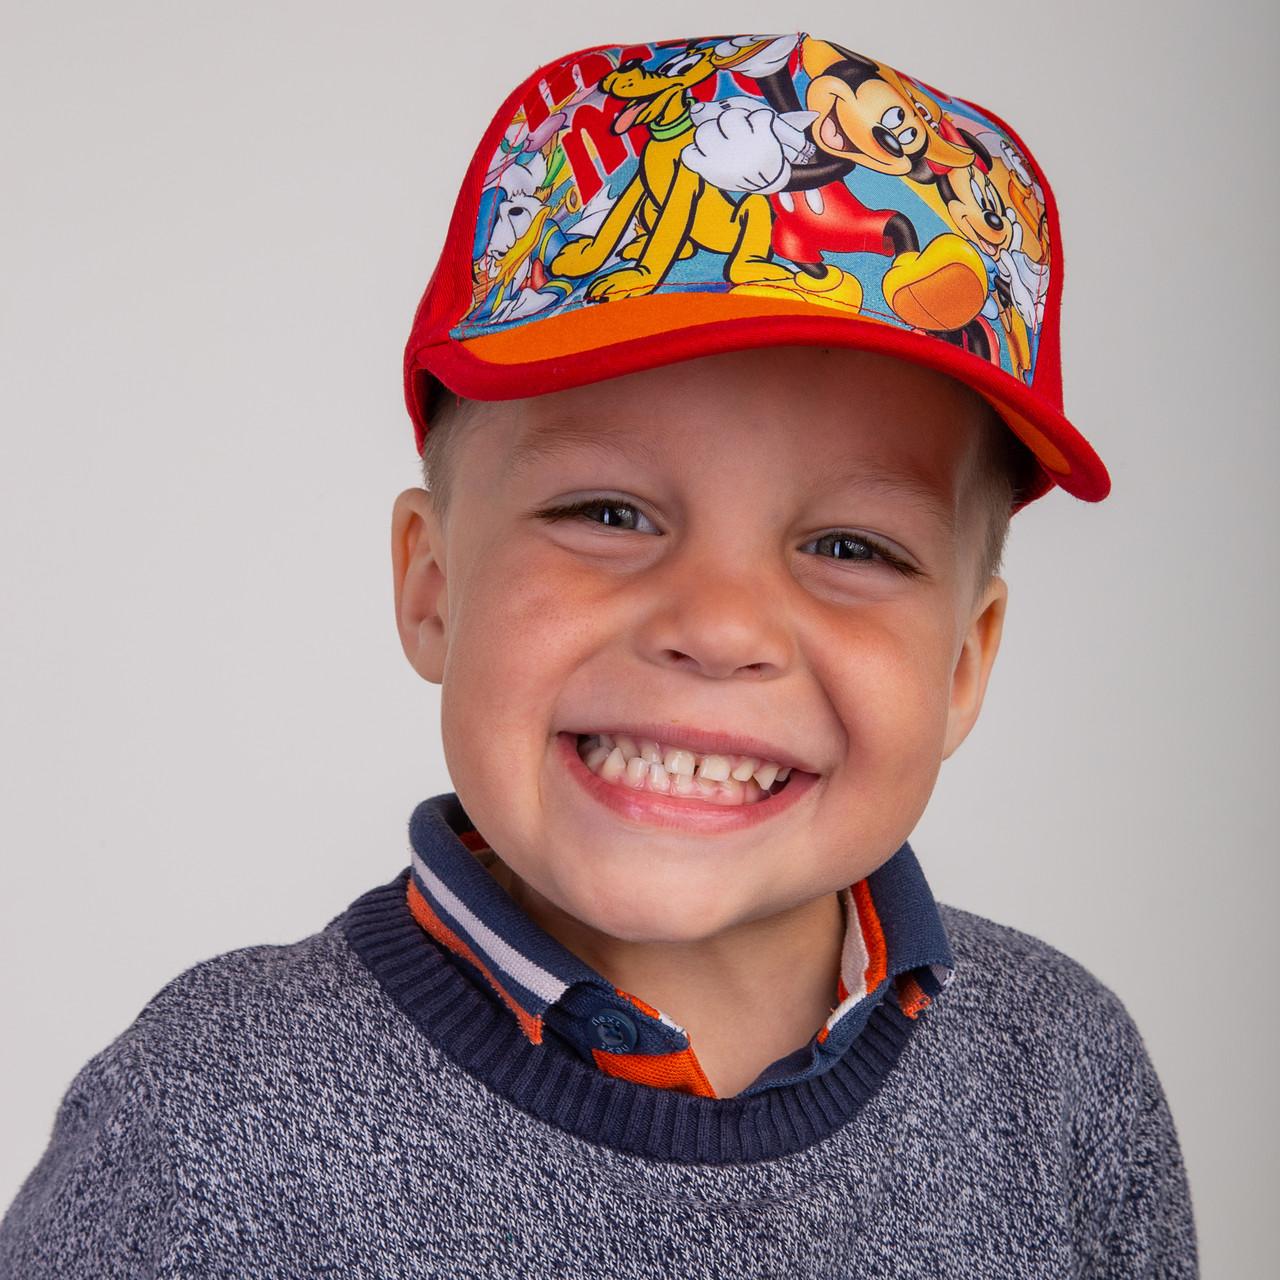 Летняя кепка для мальчика - Микки Маус (к6)